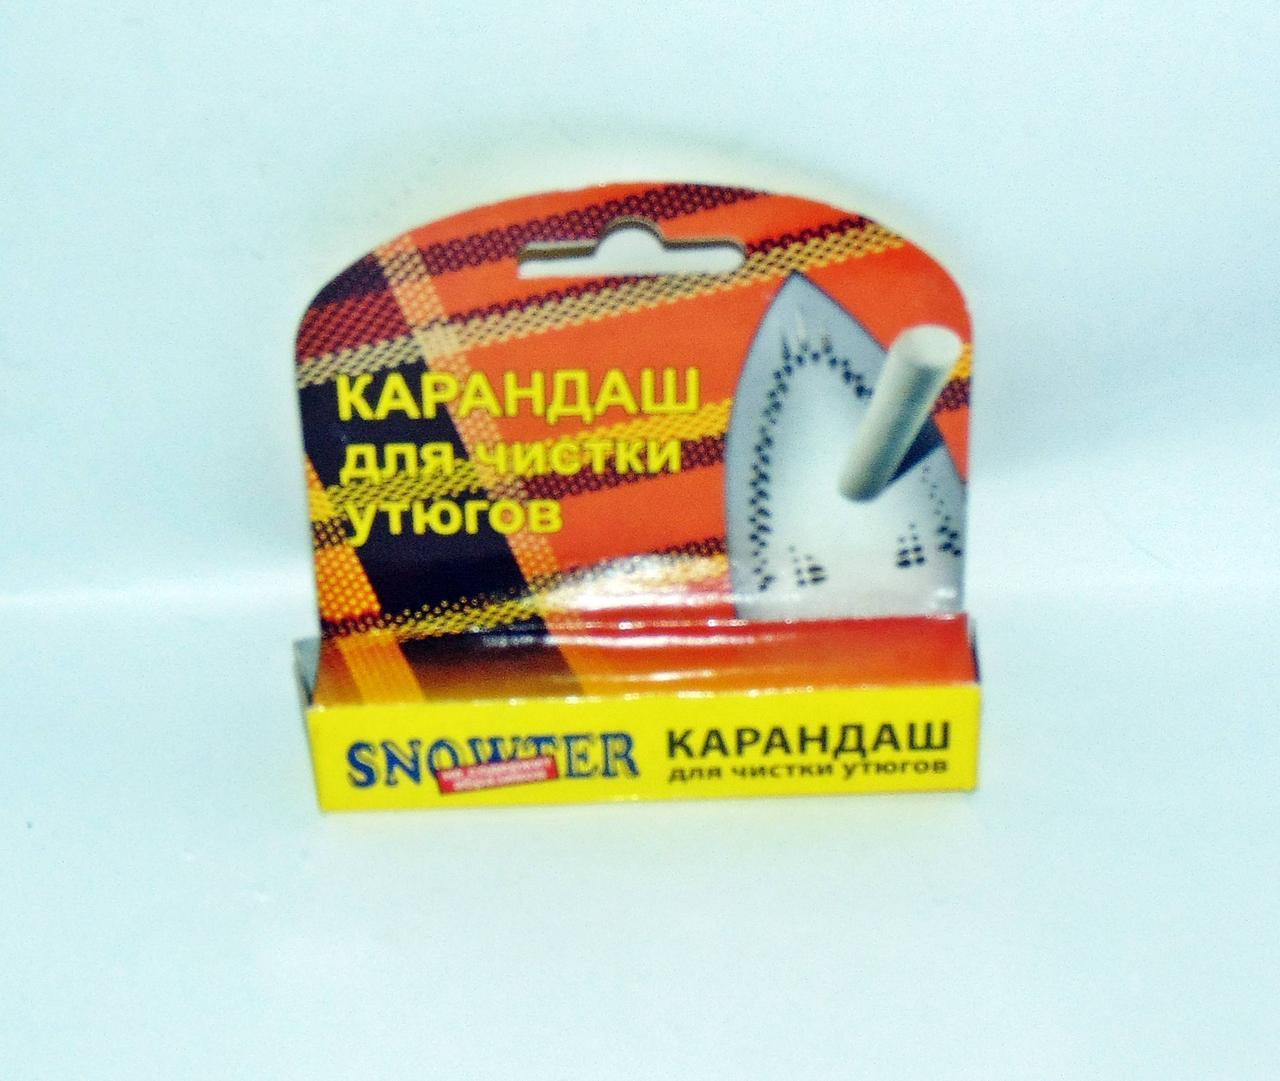 Карандаш для чистки утюгов Snowter, фото 1